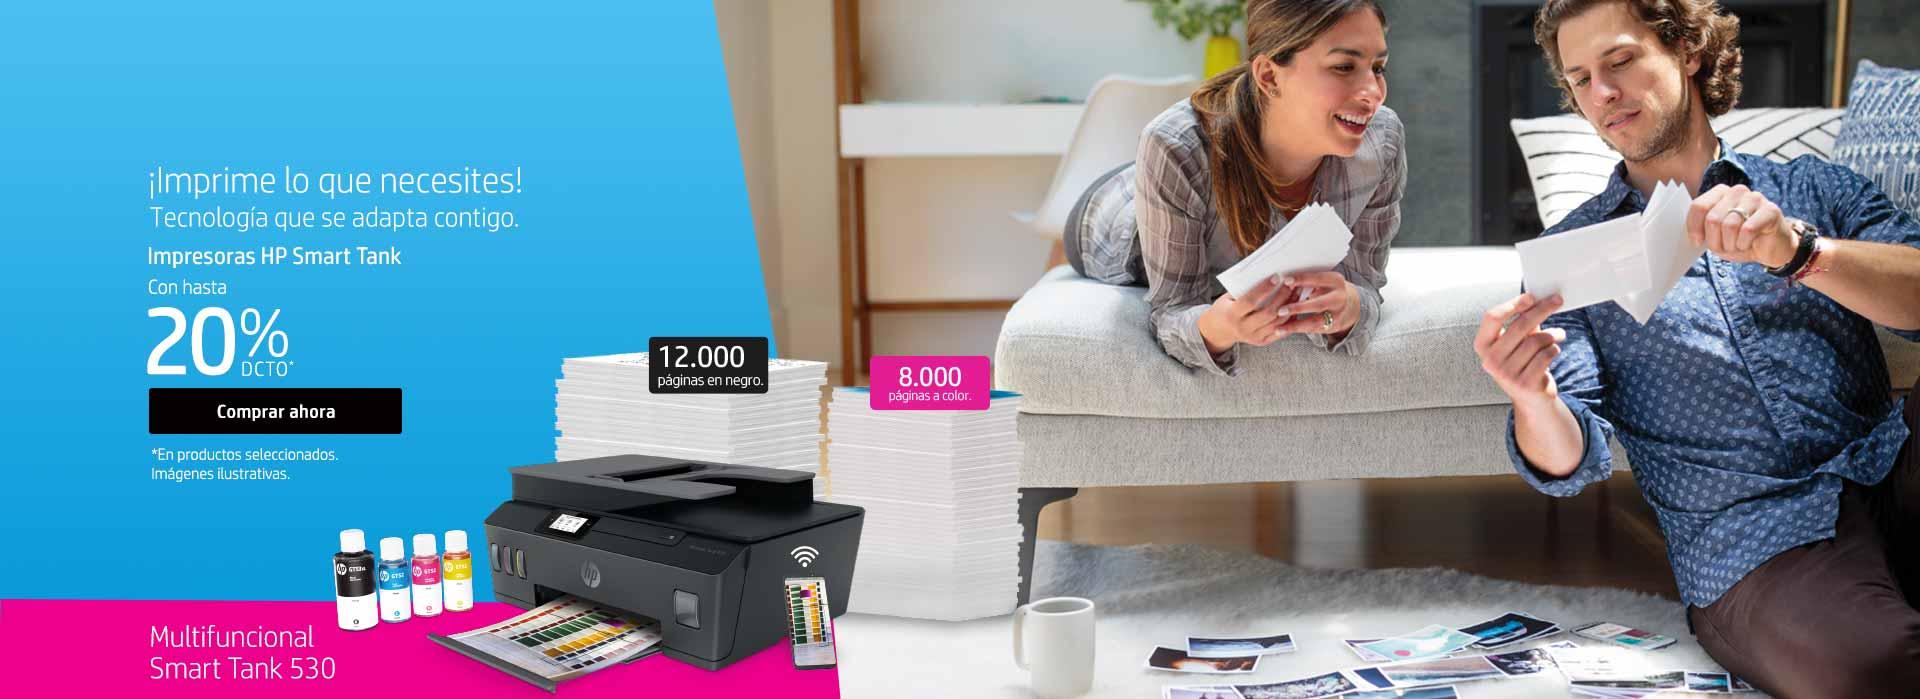 ¡Imprime lo que necesites! Tecnología que se adapta contigo. Impresoras HP Smart Tank con hasta 20% dcto